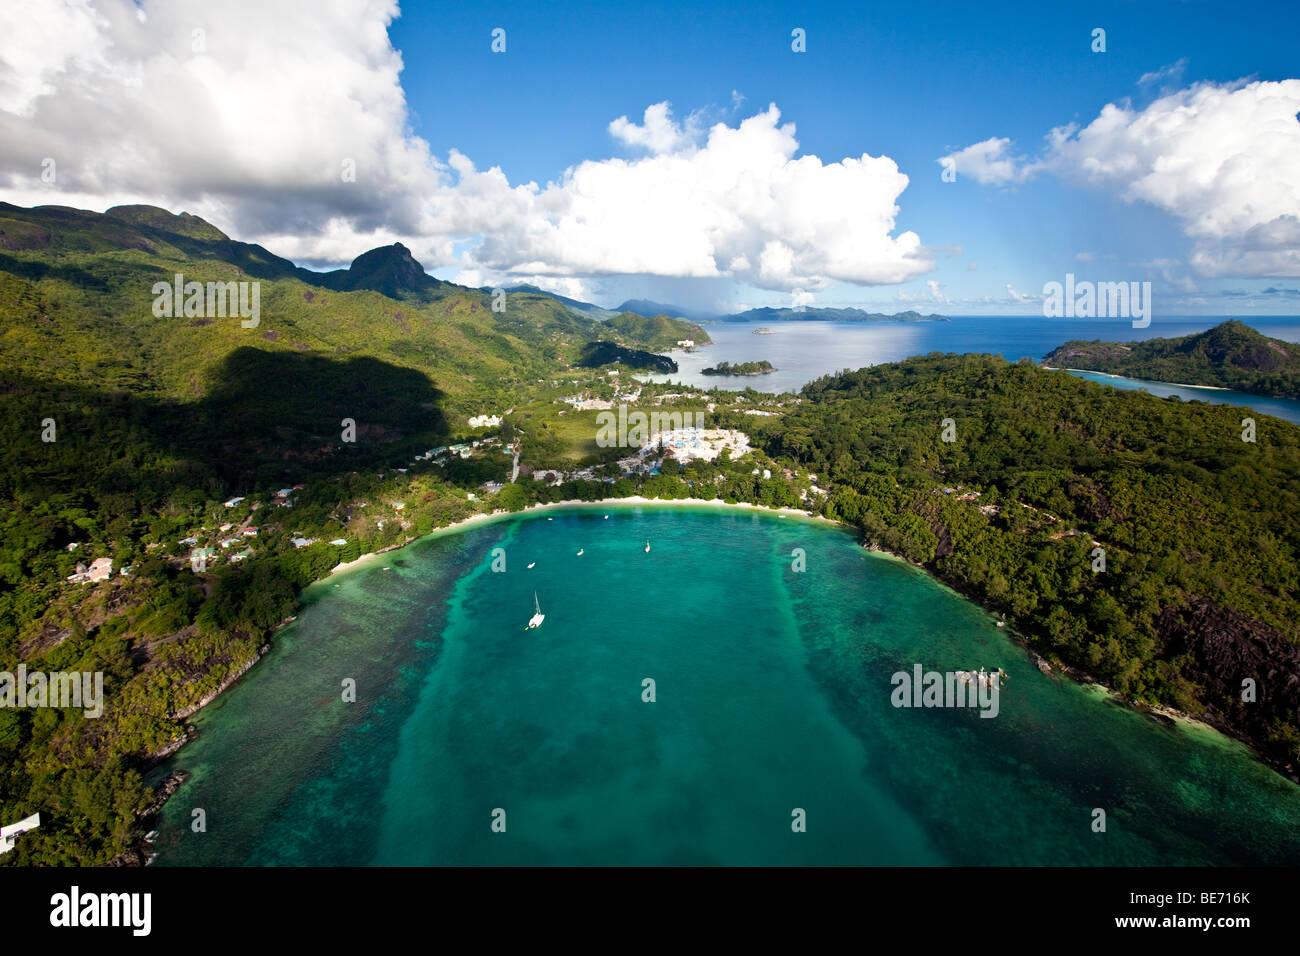 La costa de Pointe de l'escalier, NYS Village en la parte posterior, en la Isla de Mahe, Seychelles, el Océano Índico, África Foto de stock